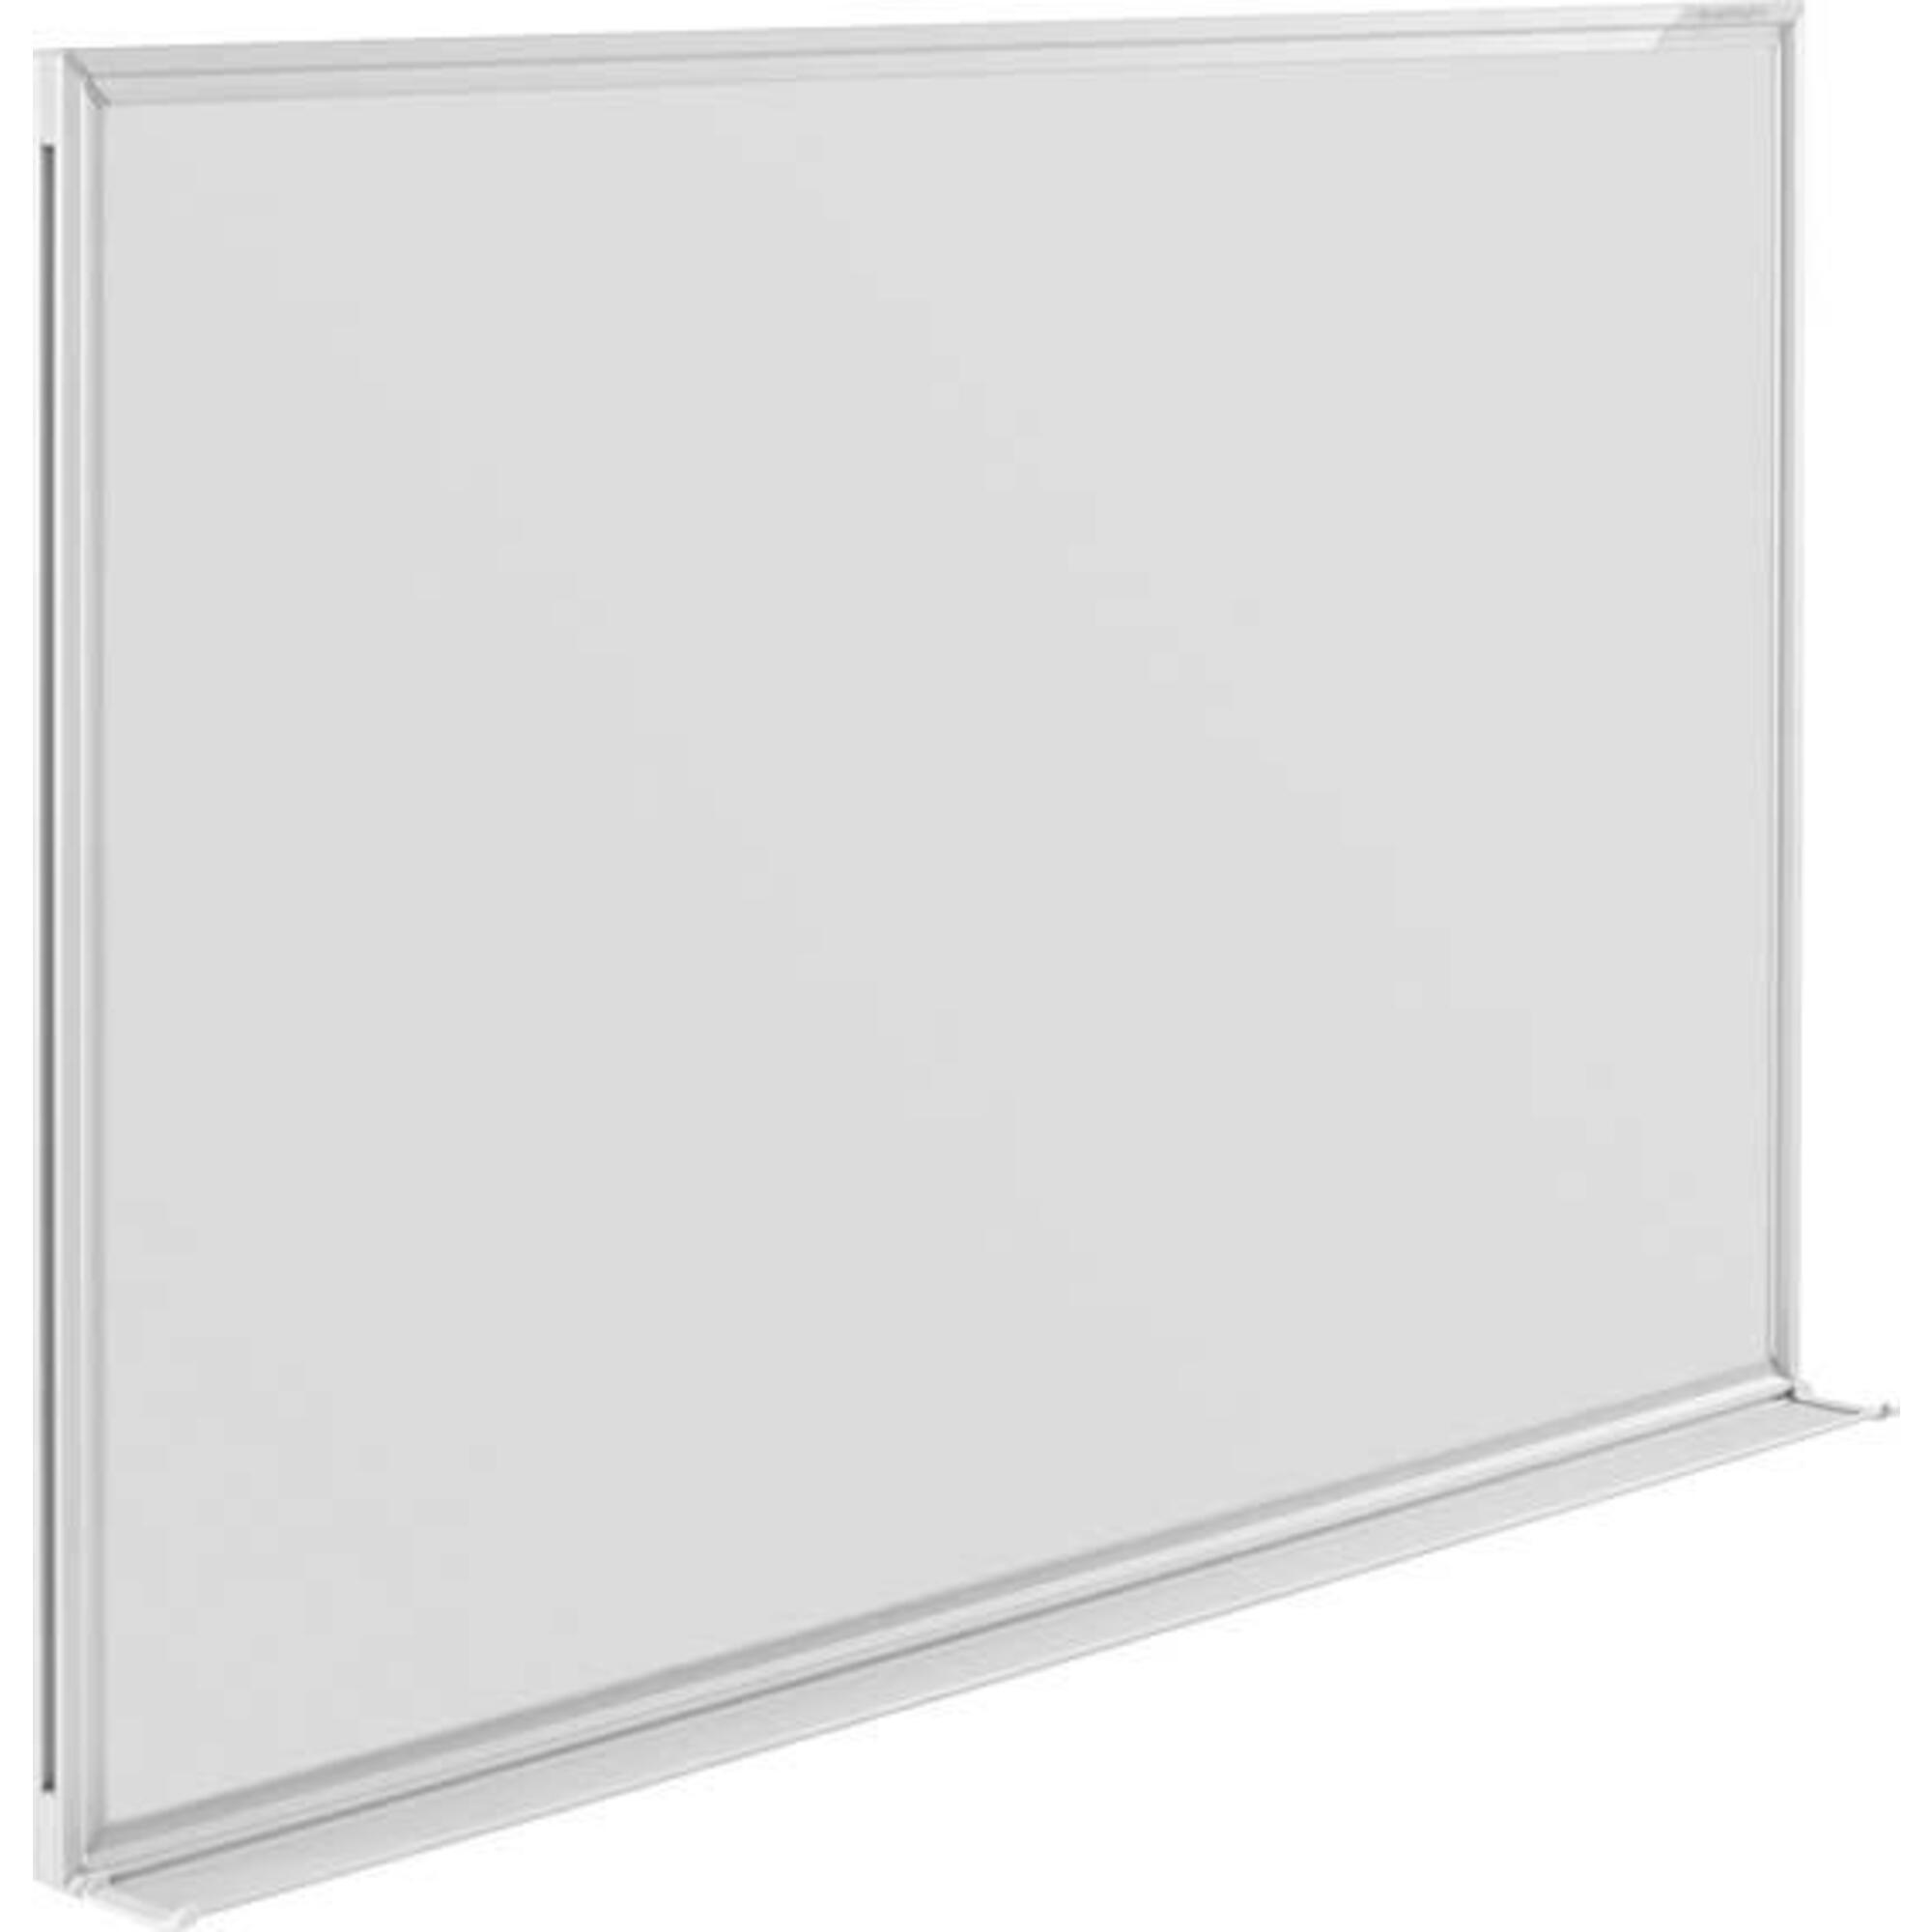 Whiteboard Standard 1500x1200mm